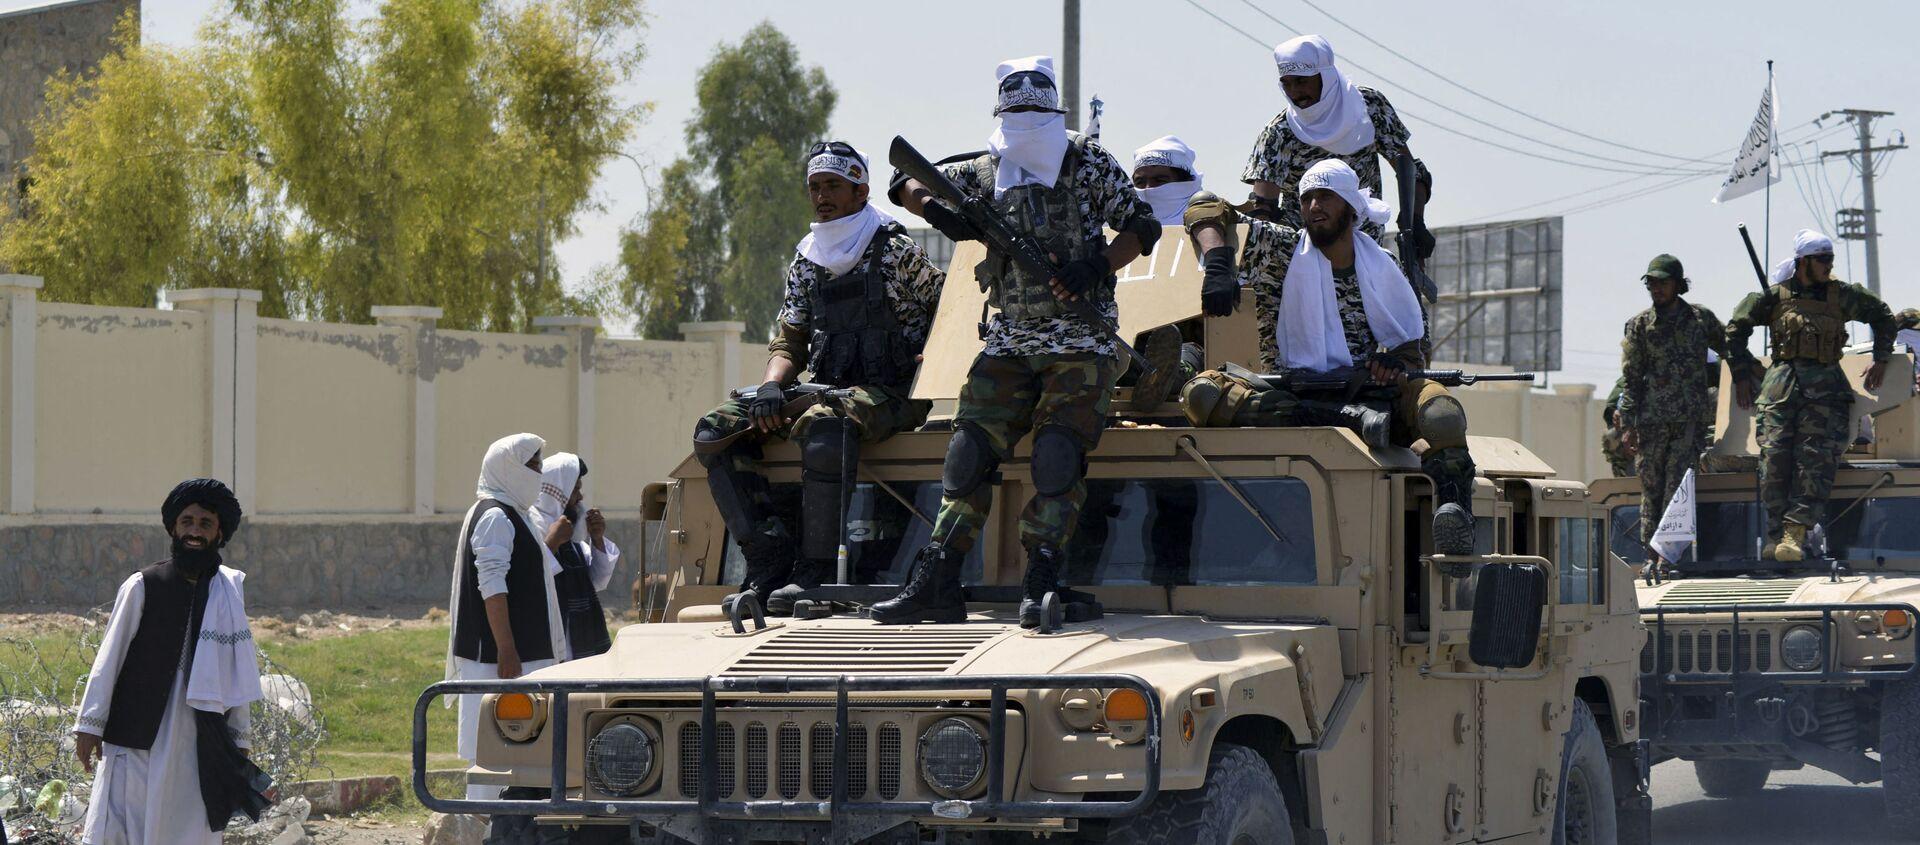 Các chiến binh Taliban trên đỉnh xe Humvee diễu hành dọc theo con đường để ăn mừng sau khi Mỹ rút hết quân khỏi Afghanistan, tại Kandahar vào ngày 1 tháng 9 năm 2021 sau khi quân đội Taliban tiếp quản đất nước - Sputnik Việt Nam, 1920, 02.09.2021